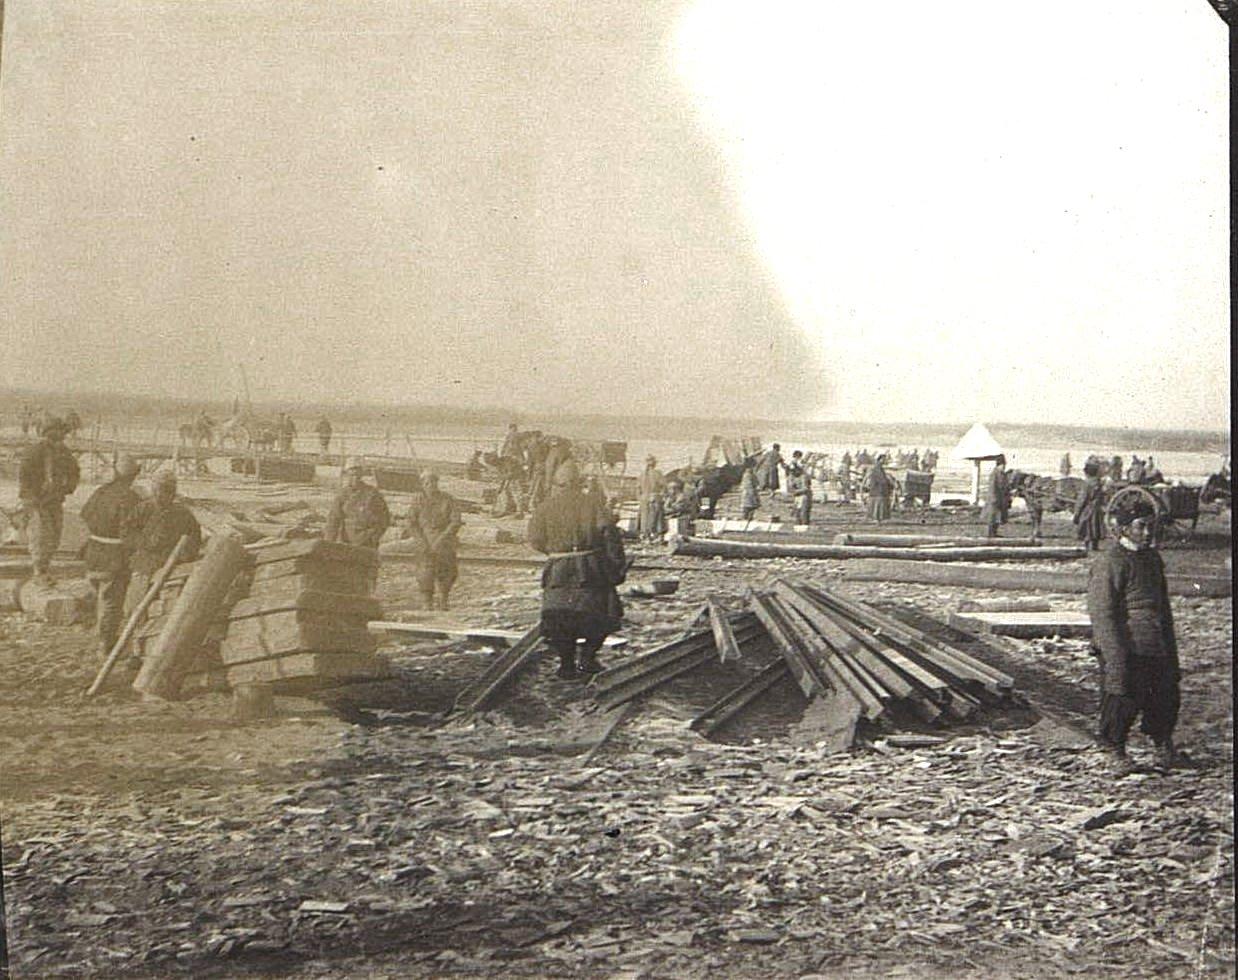 04. Переход по временному мосту через реку Ля-Лин-Хэ. Ноябрь 1900